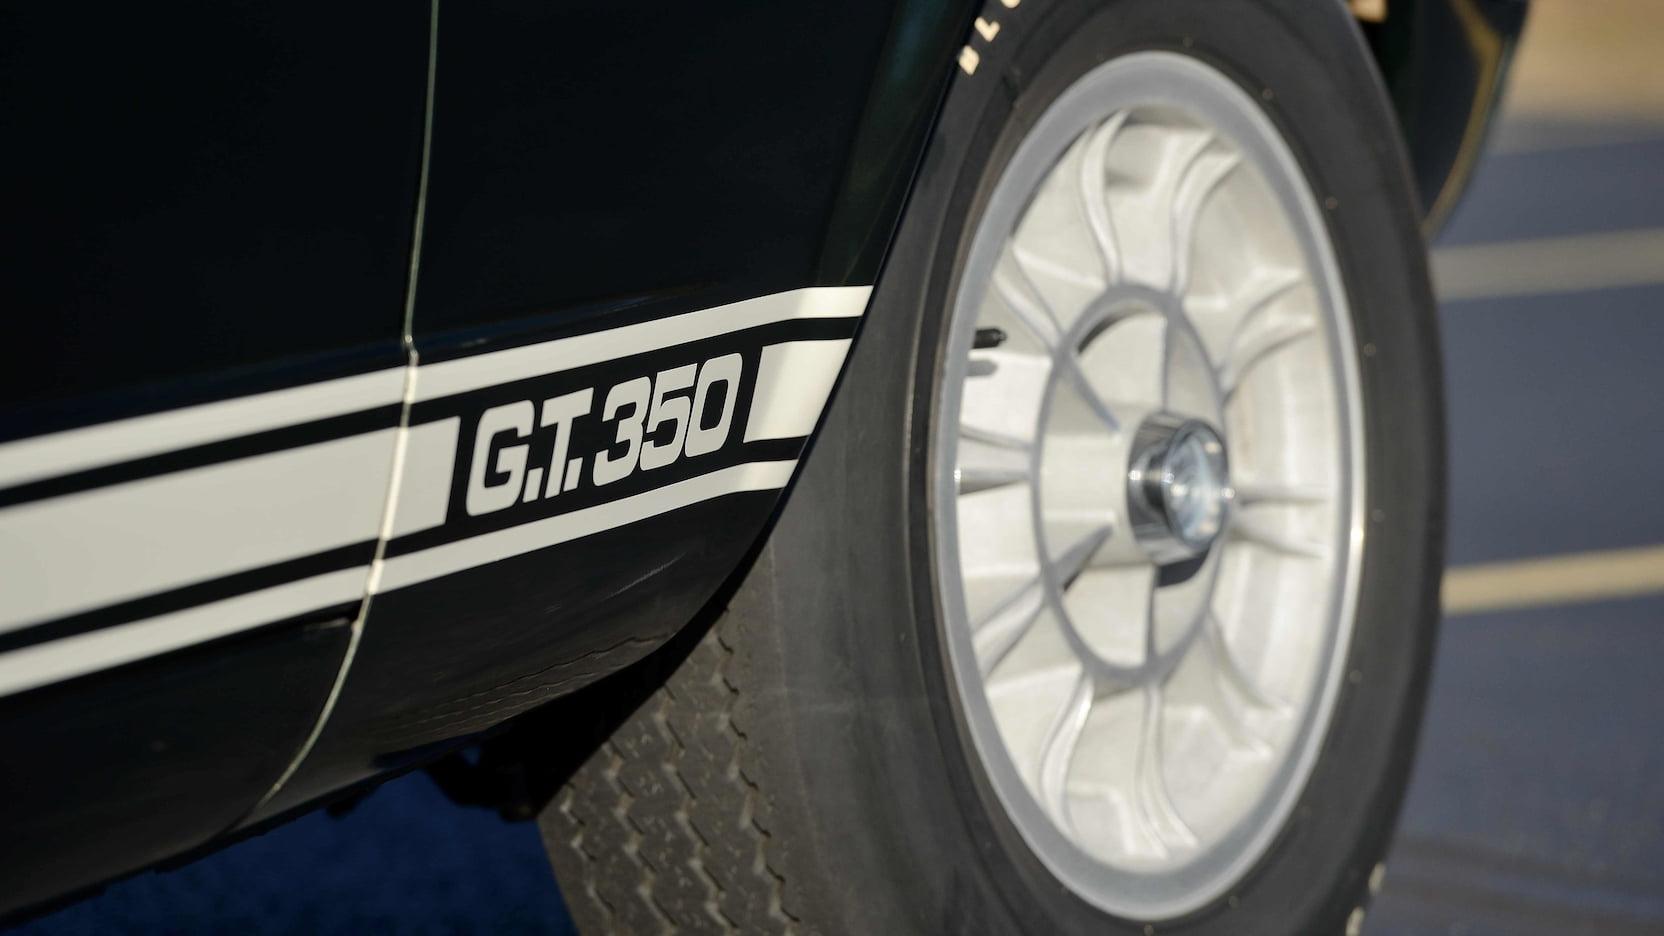 1966 Shelby GT350 wheel detail